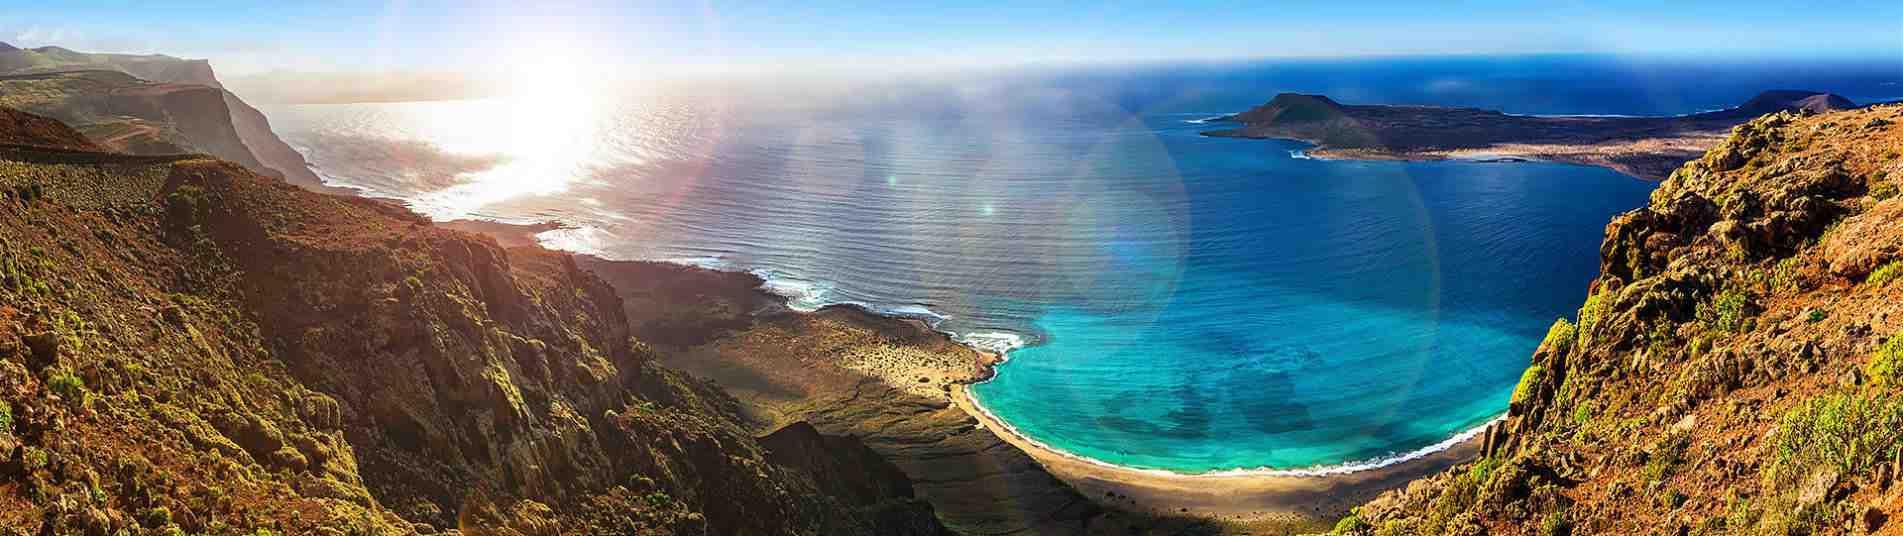 Quelle île des Canaries est la plus chaude en février?